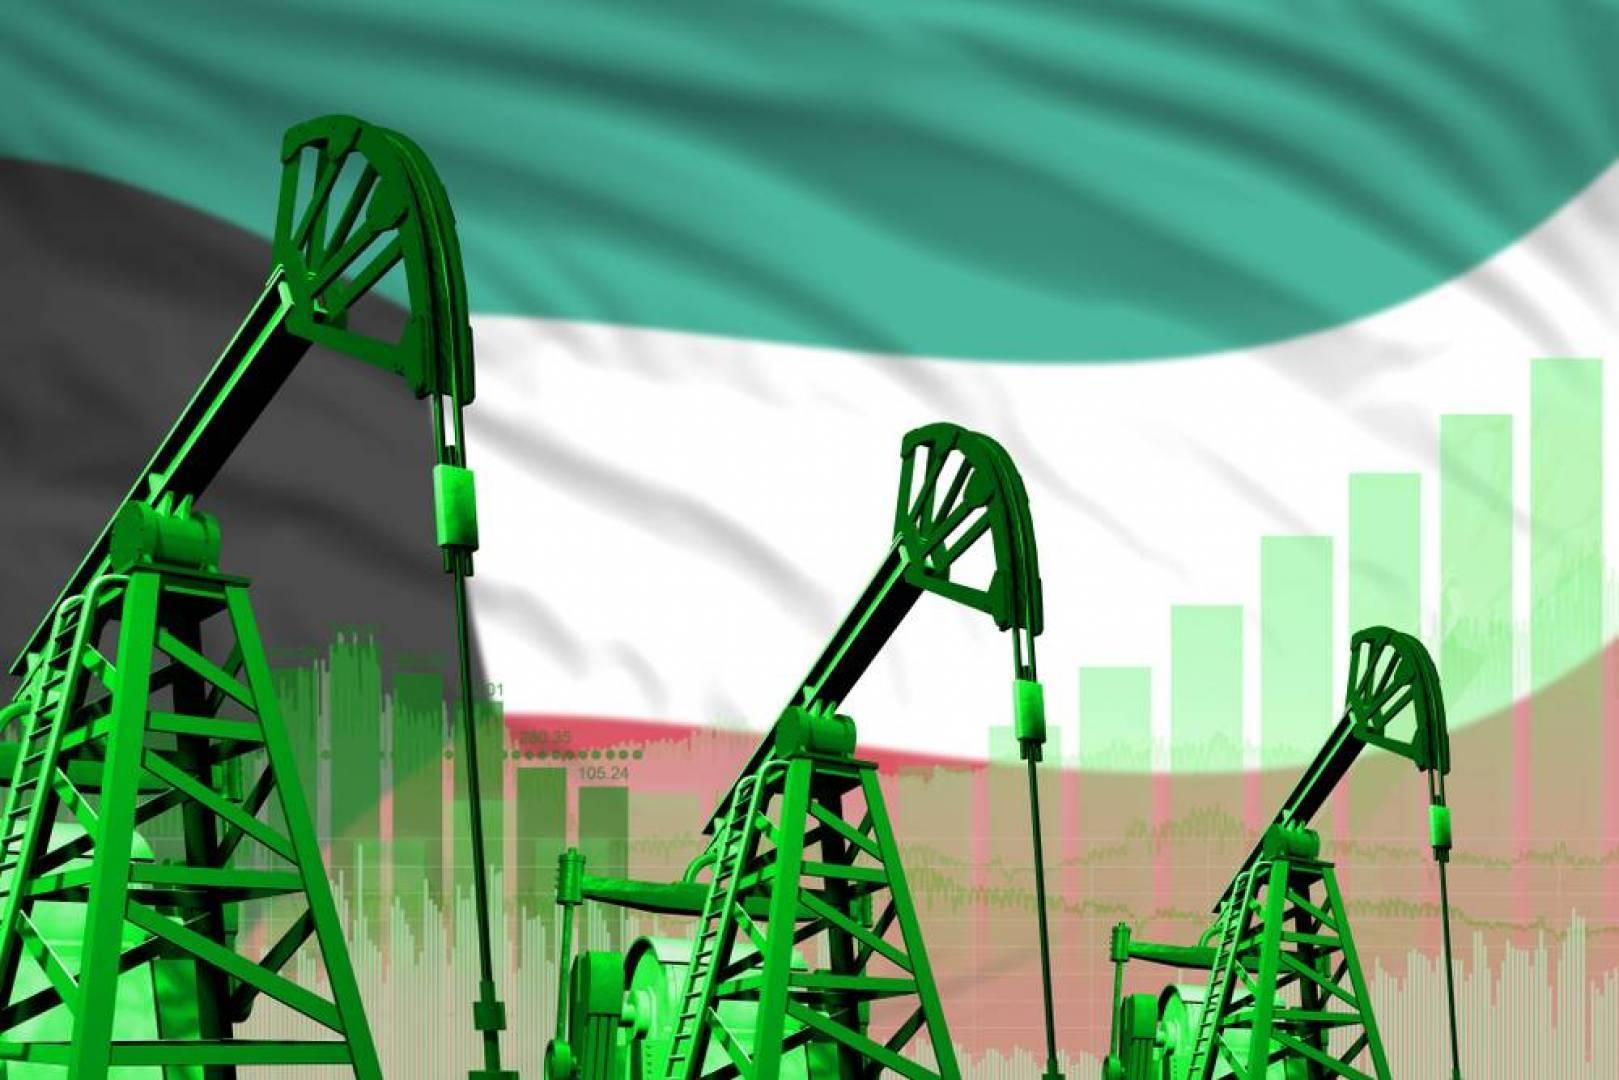 النفط الكويتي يرتفع 1.11 دولار ليبلغ 56.47 دولار للبرميل